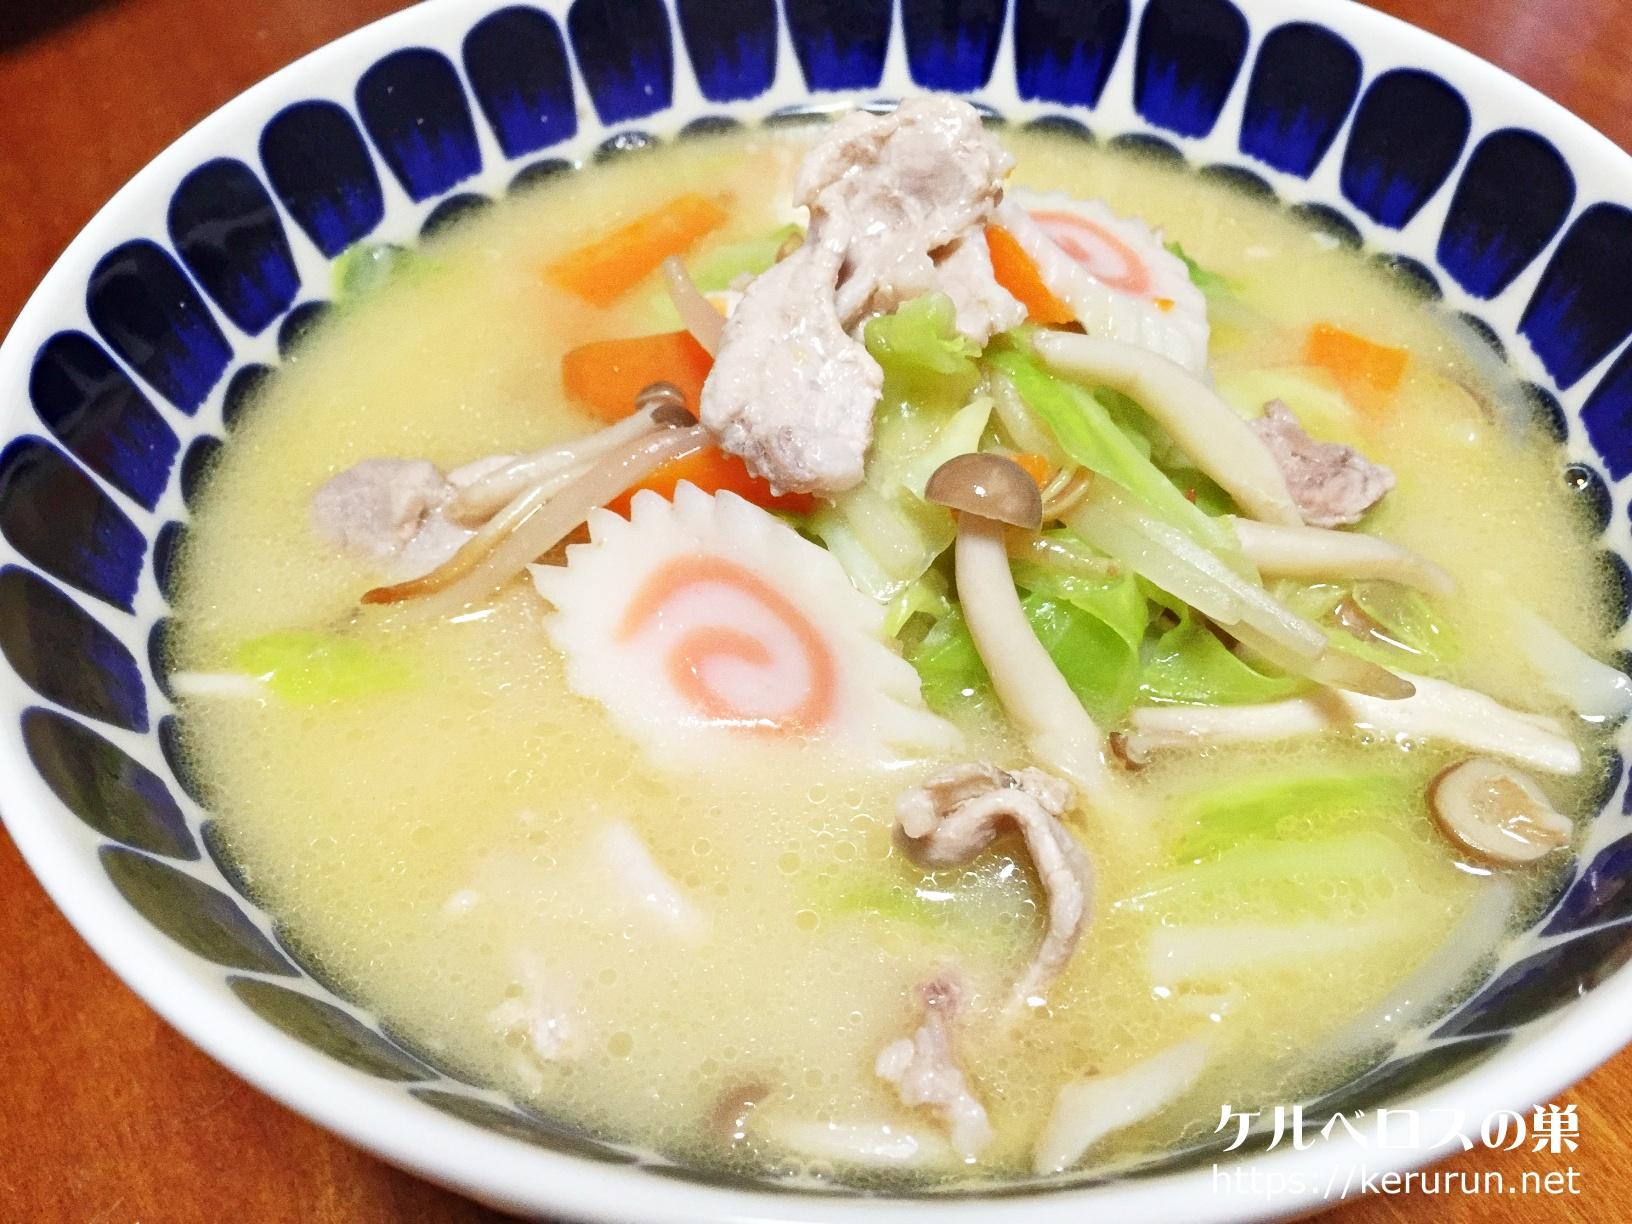 ヒガシマルのちゃんぽん粉末スープと冷凍うどんで作るちゃんぽんうどん